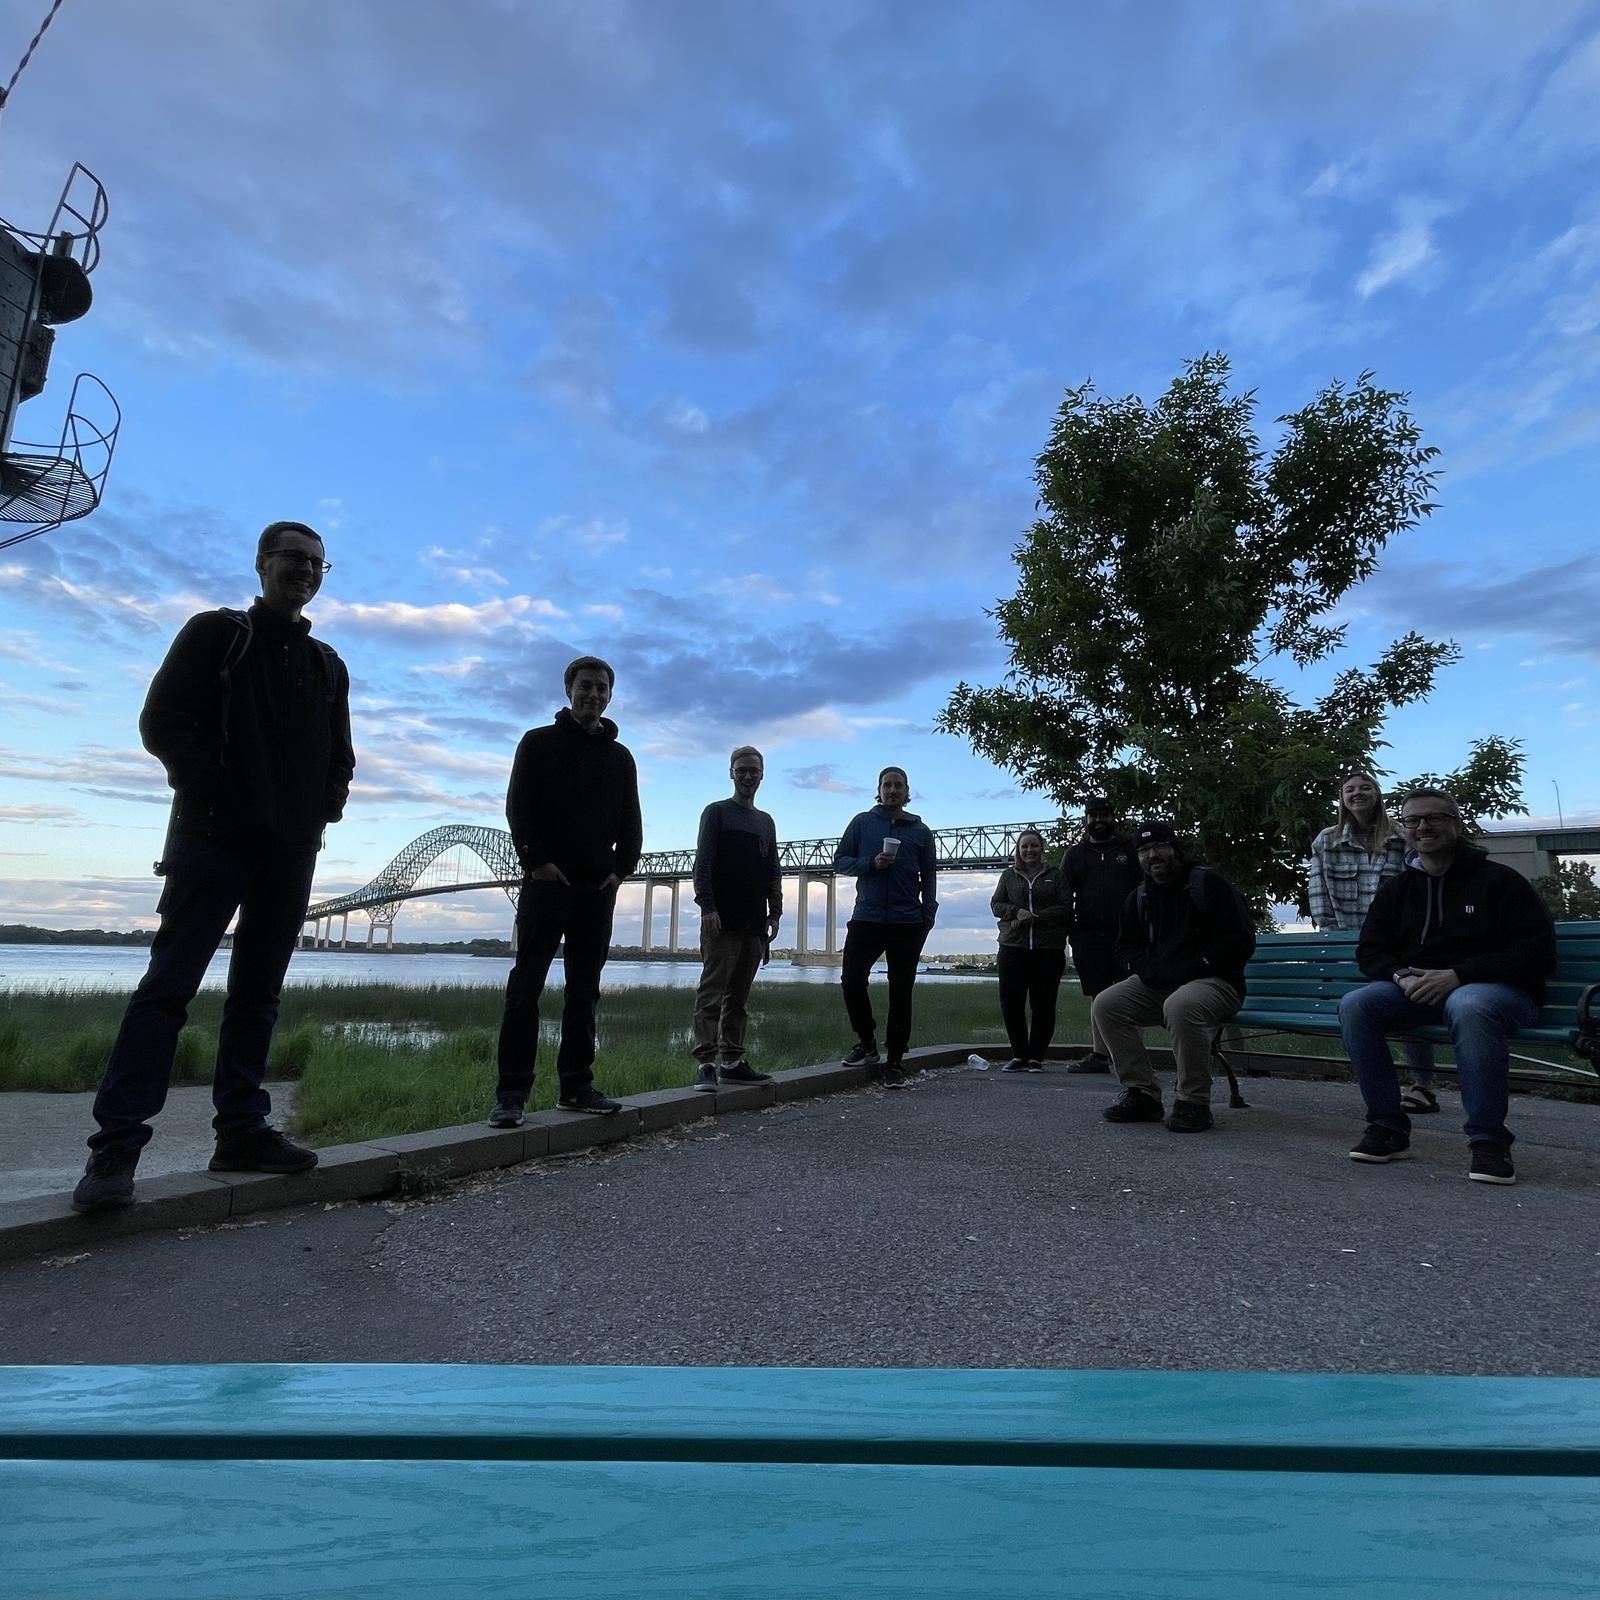 MireBBQ au Parc Laviolette à Trois-Rivières 🌮 🌉